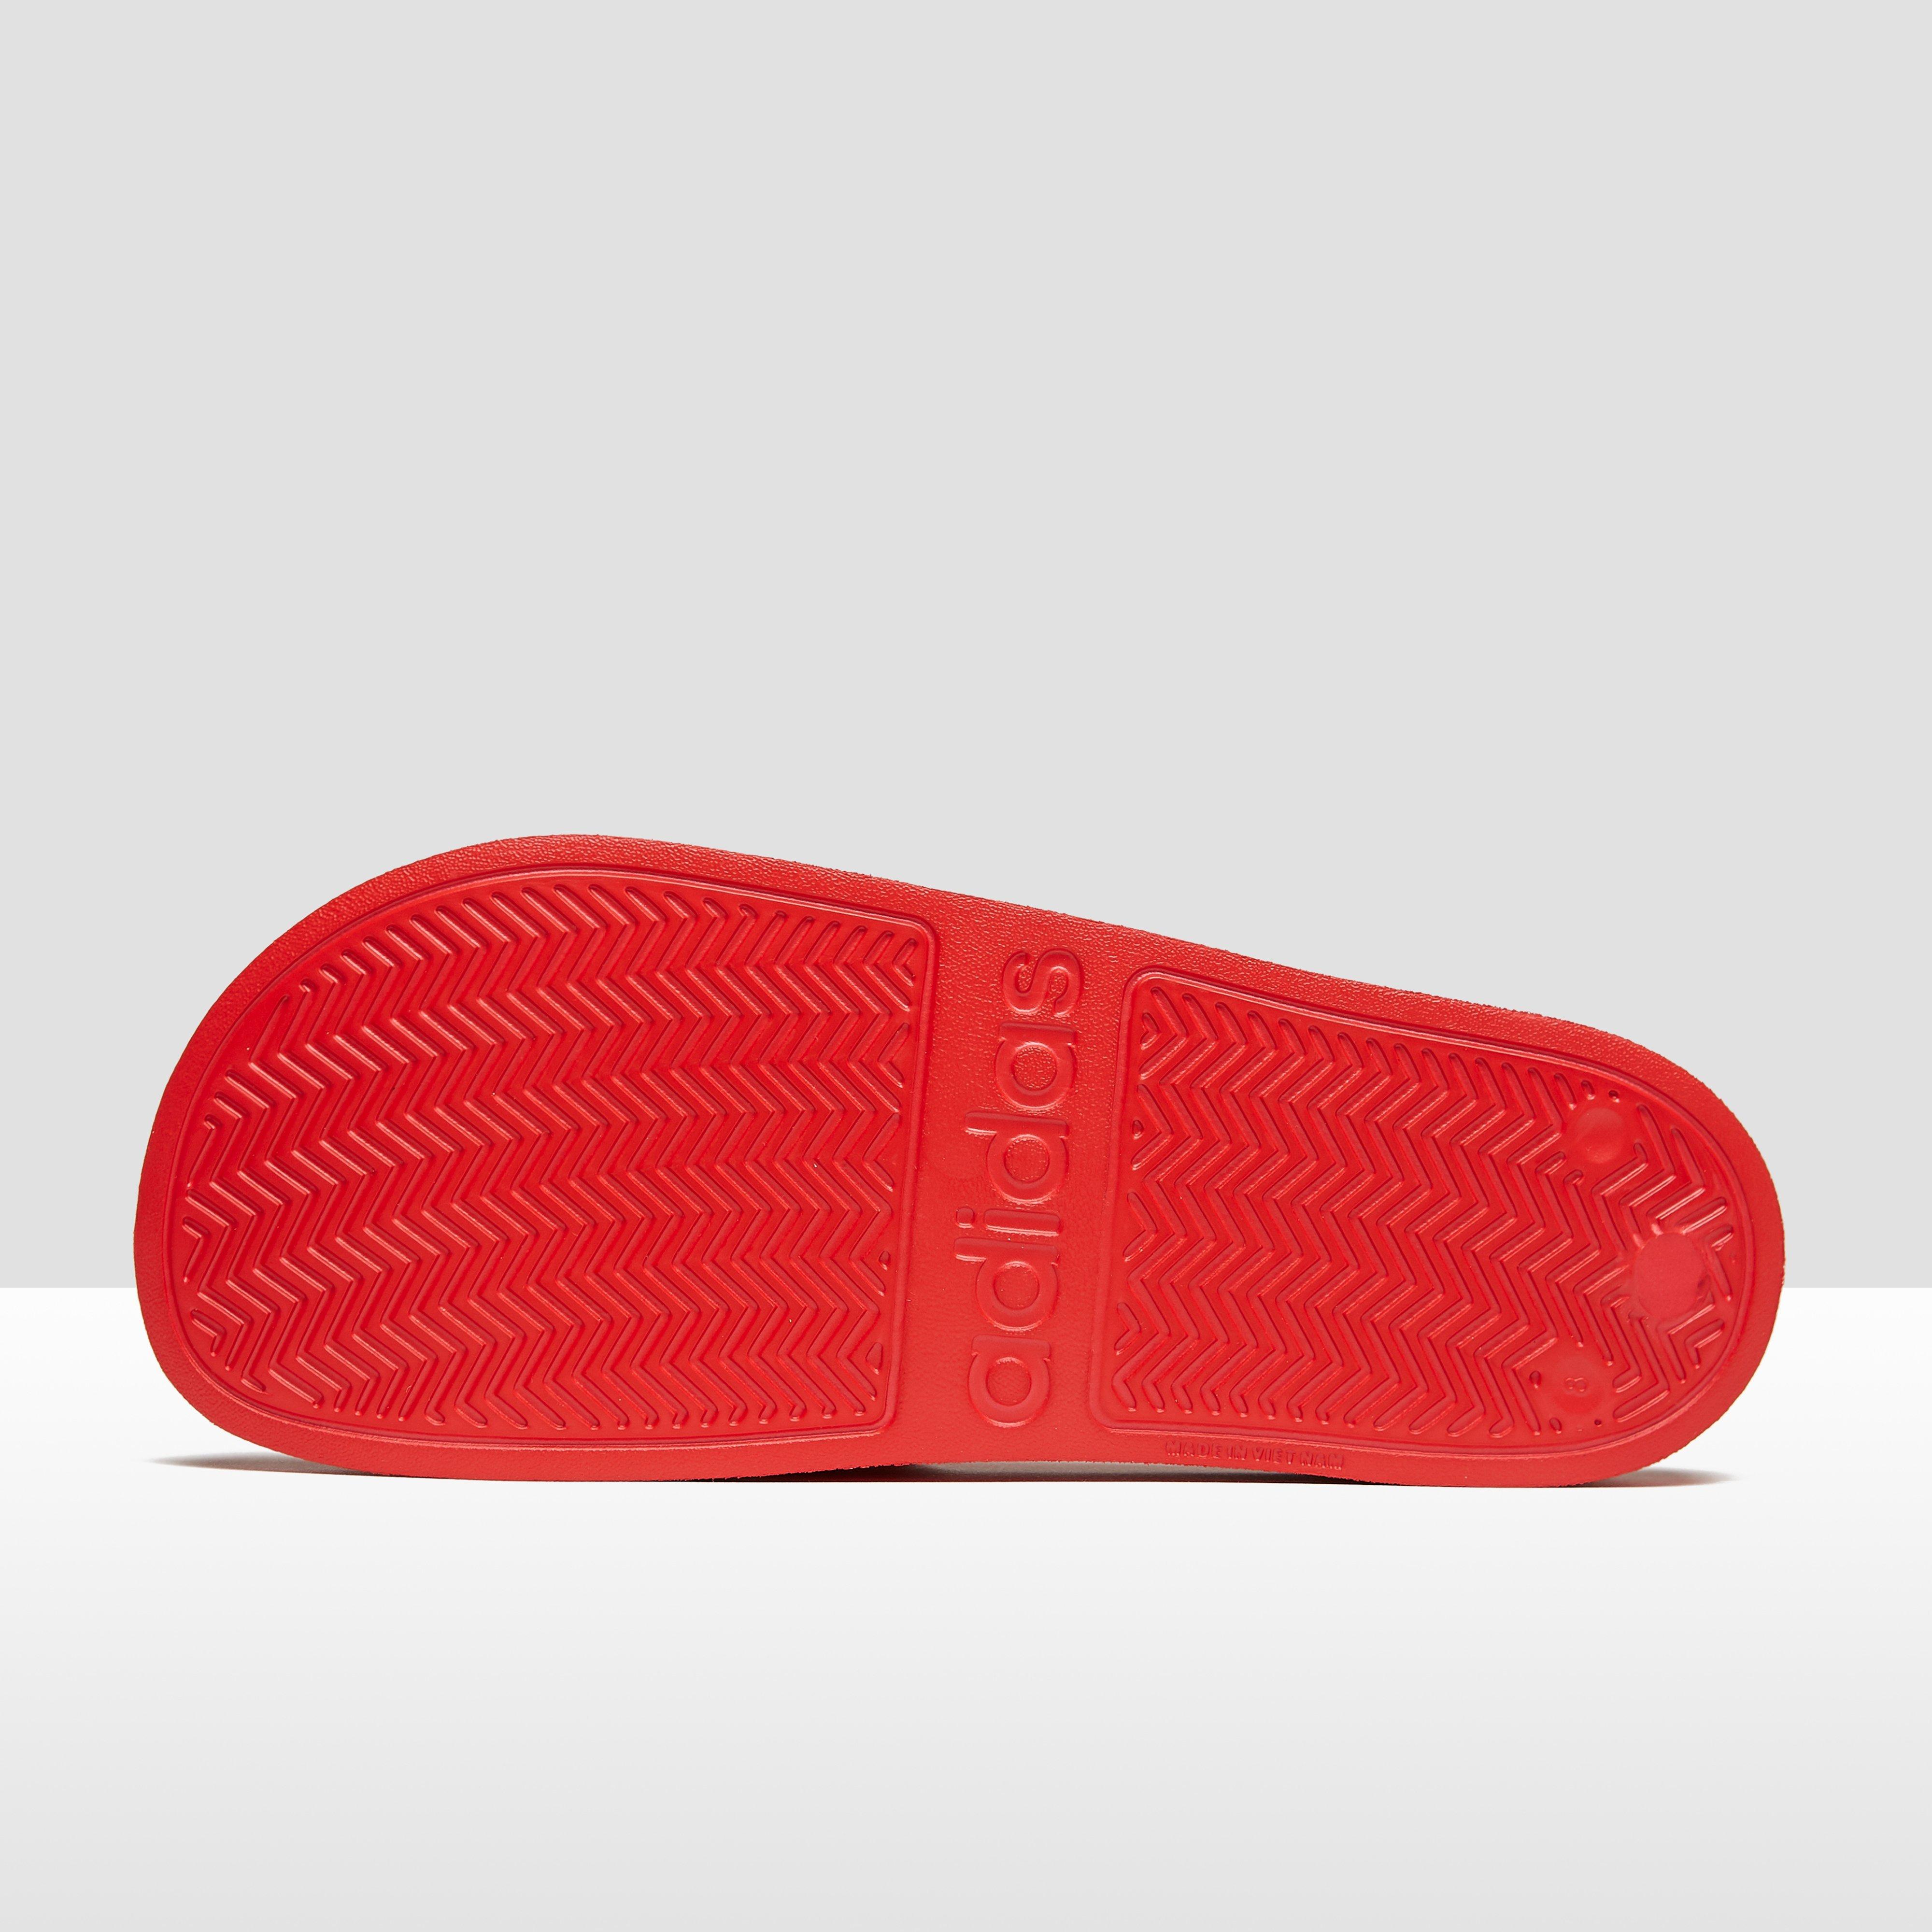 Pantoufles Rouges Rouges Hommes S14PJ6I5du